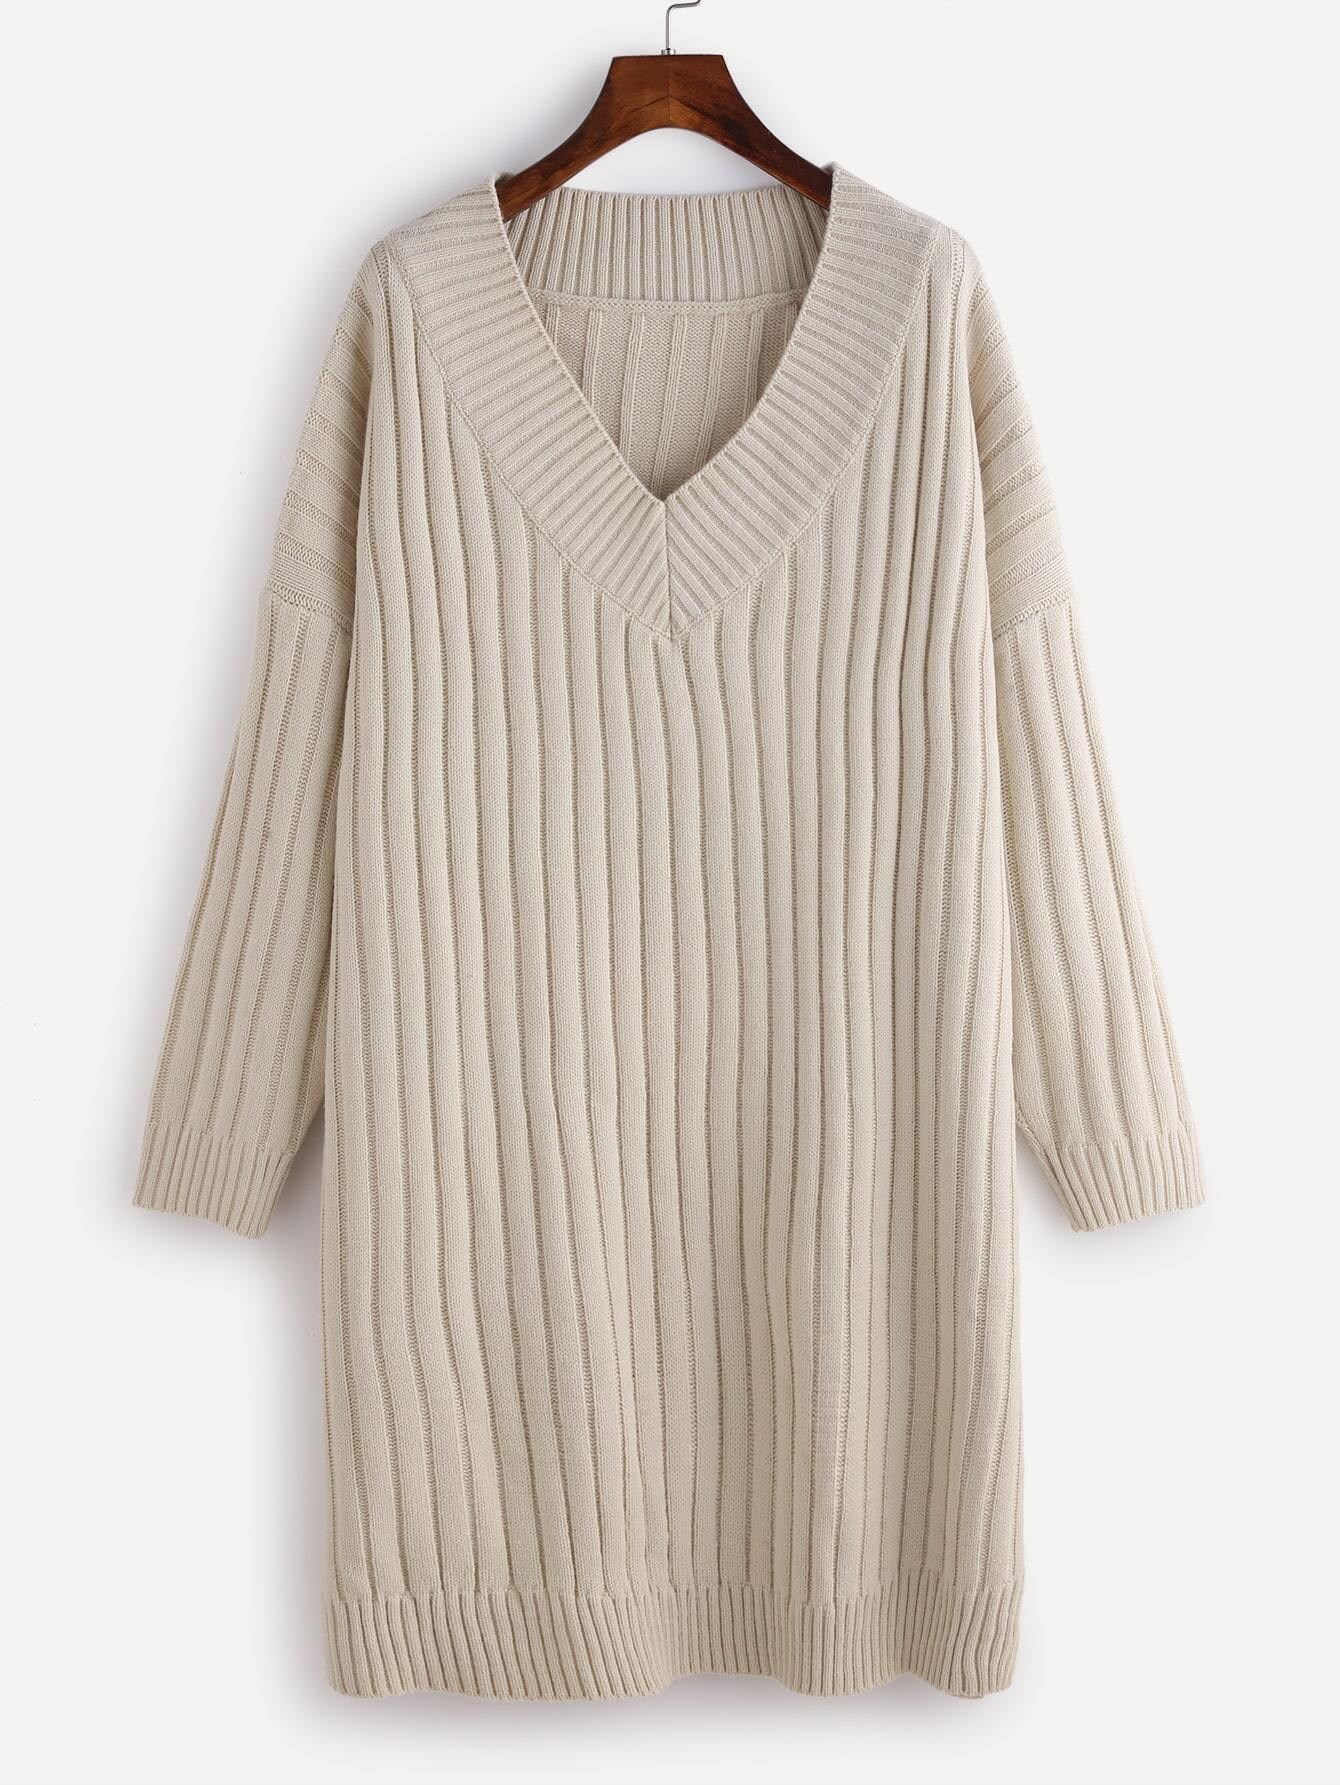 Apricot V Neck Drop Shoulder Ribbed Knit Sweater Dress RDRE161012102